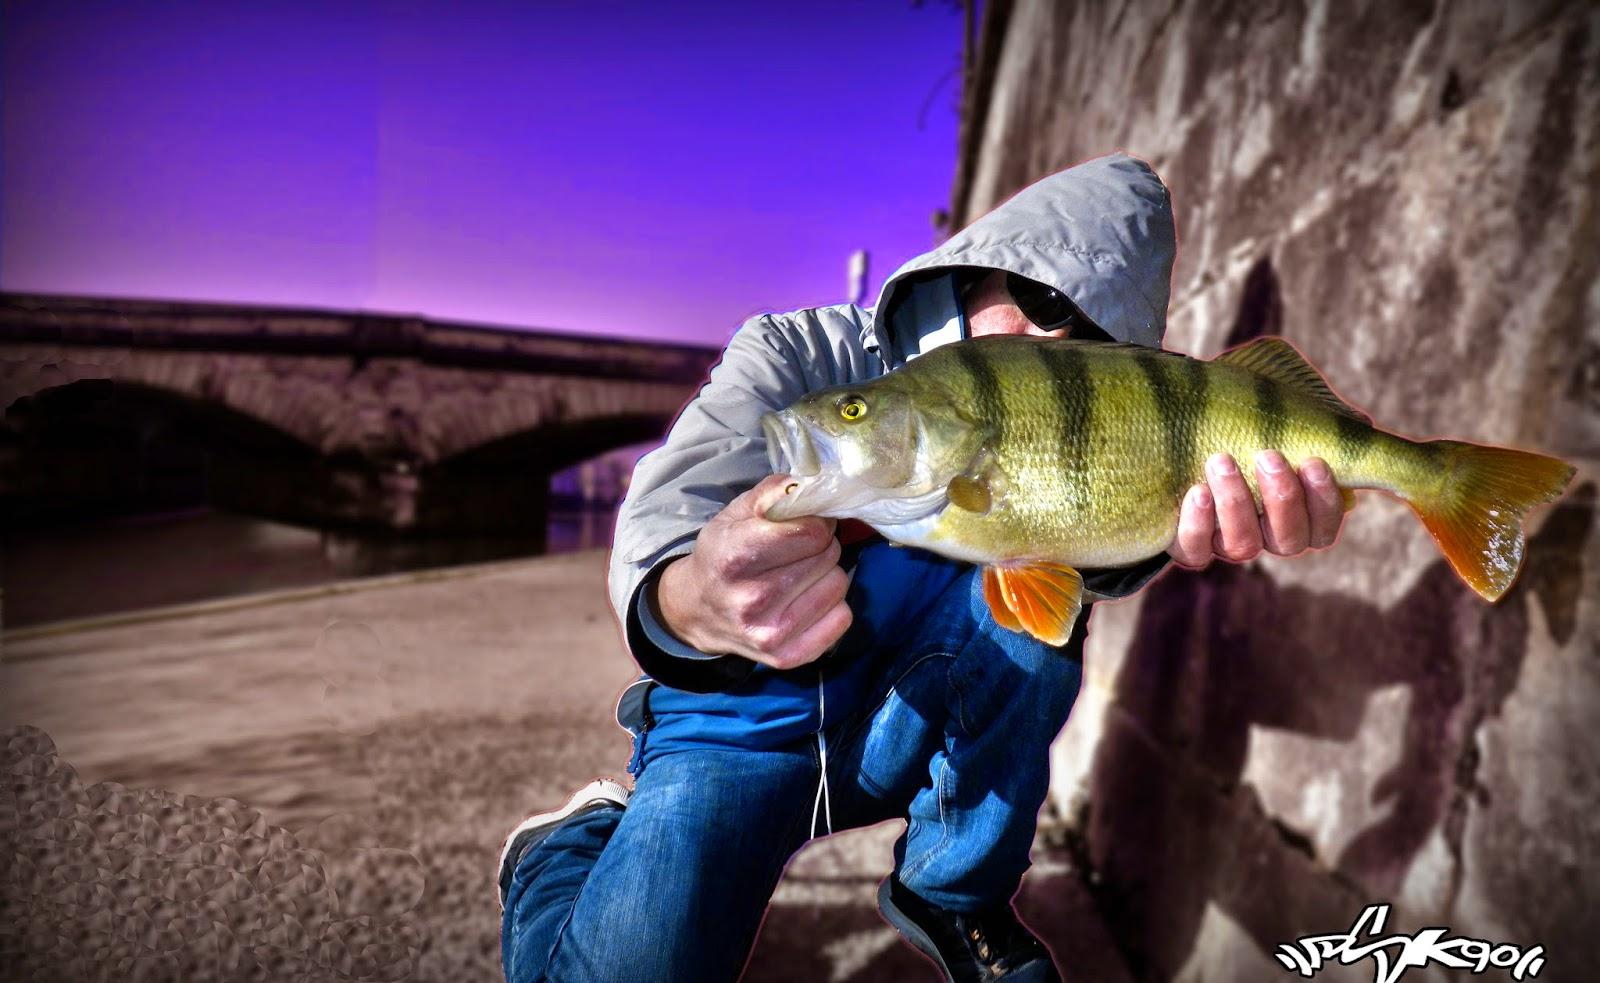 Perche en Streetfishing